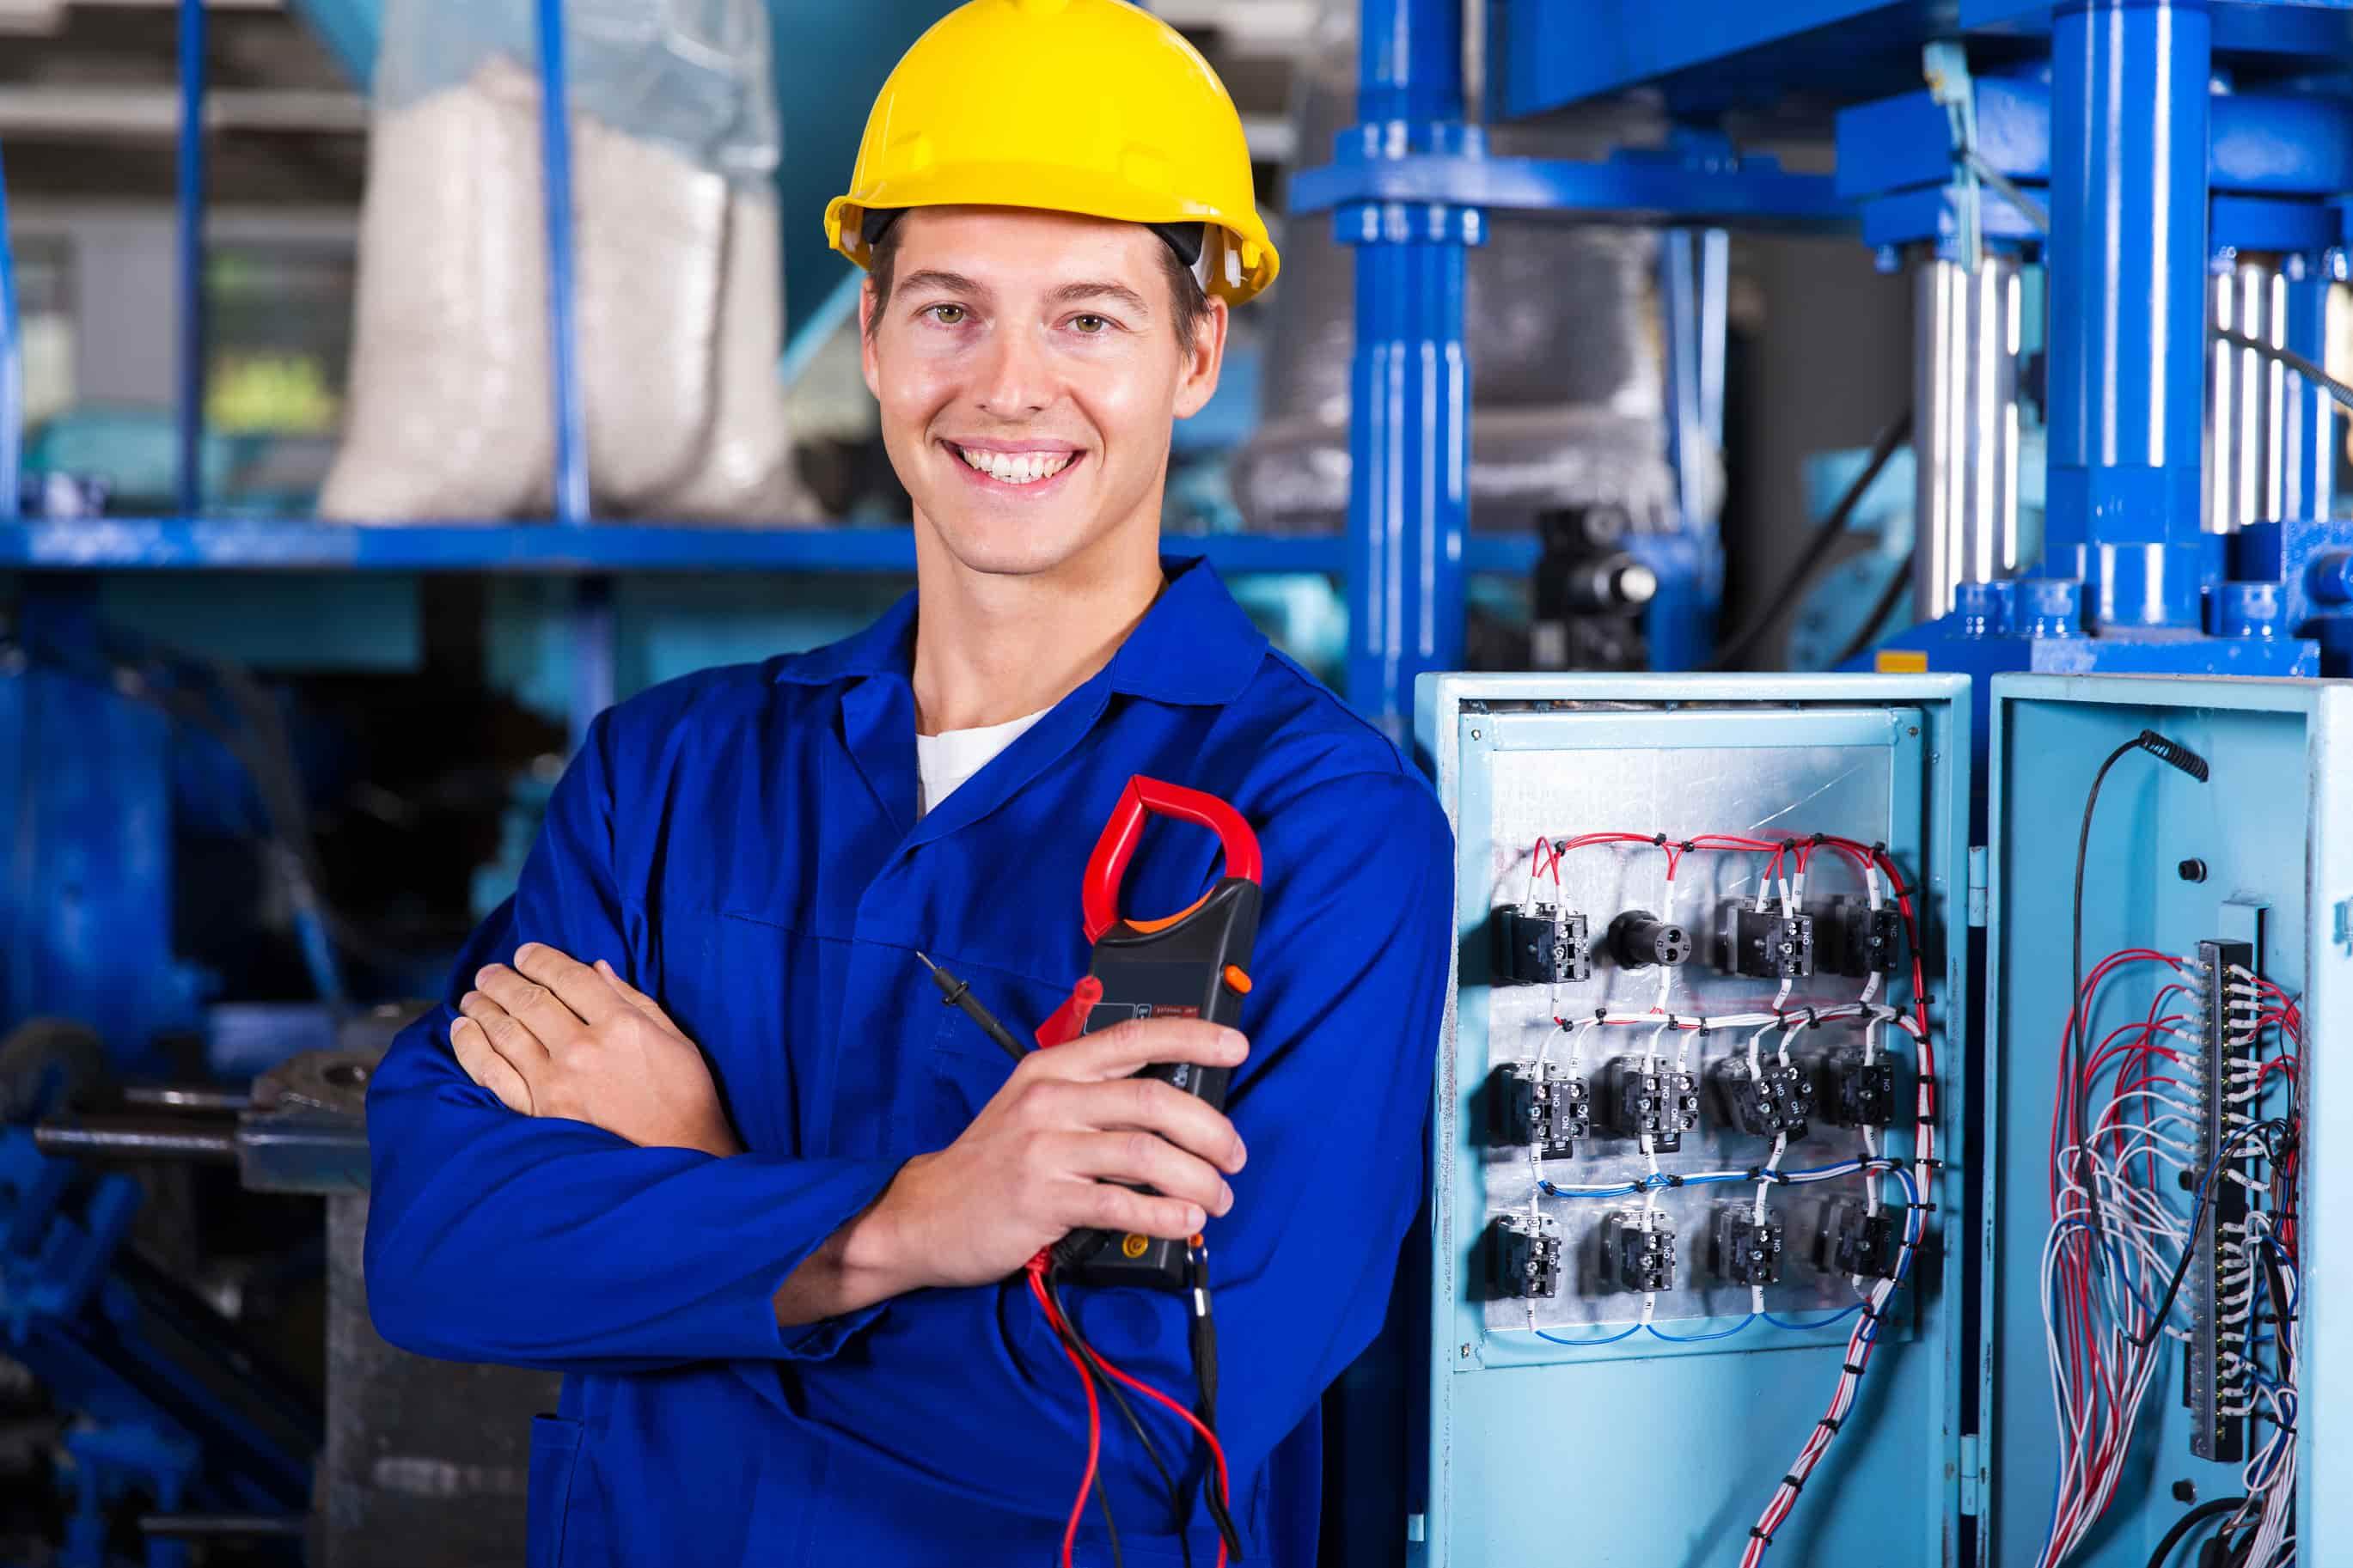 cum să faci bani pentru un electrician semnale ale graficului de opțiuni